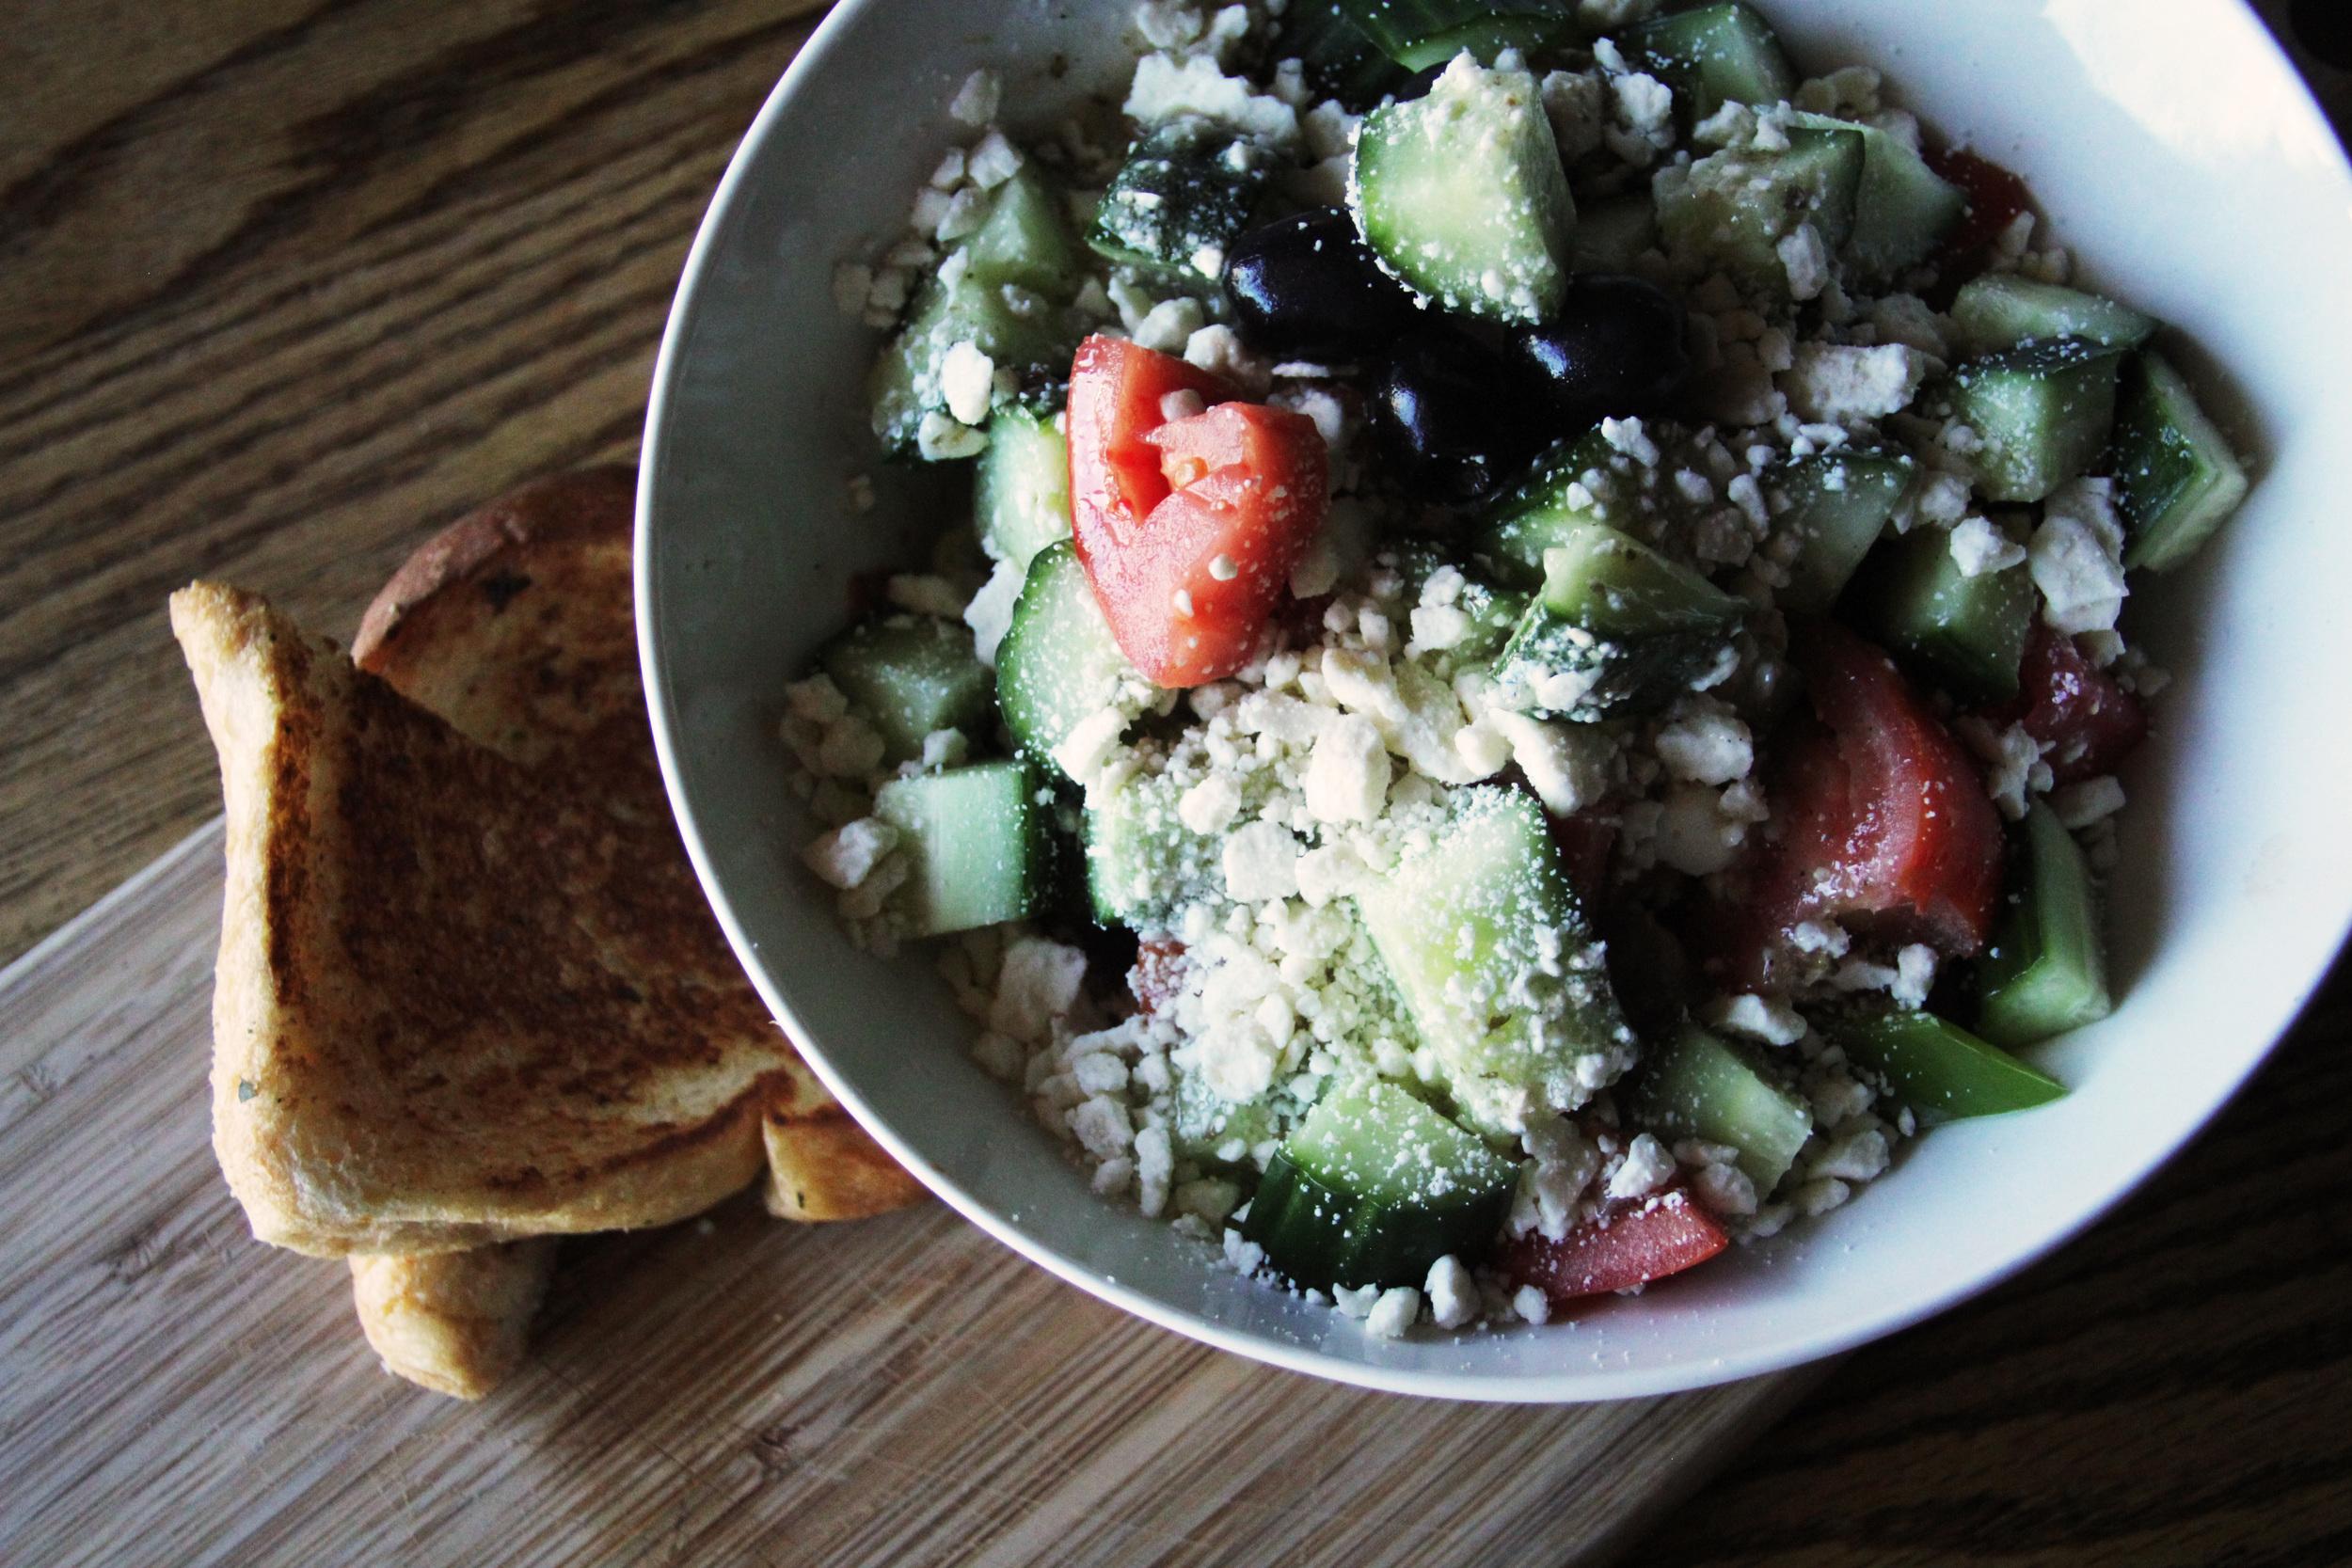 Greek Salad and Garlic Toast